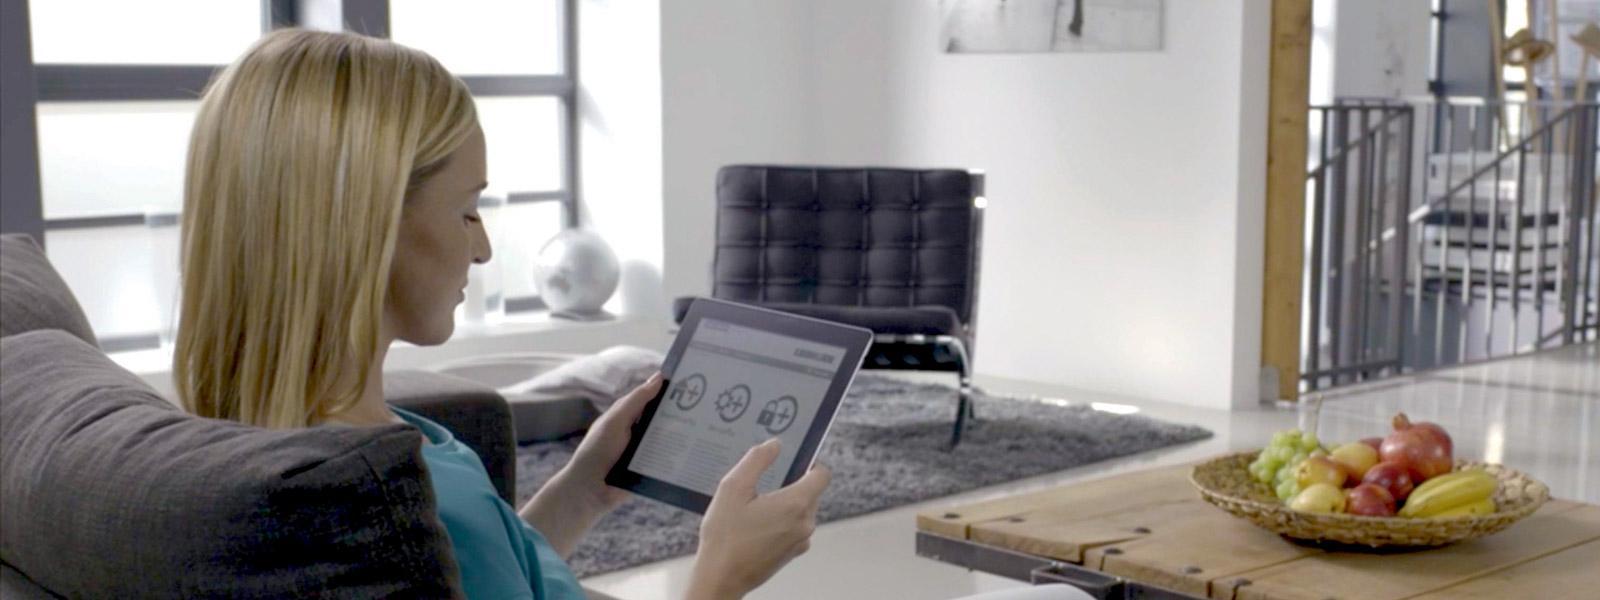 Una donna utilizza un tablet per rivedere dei grafici